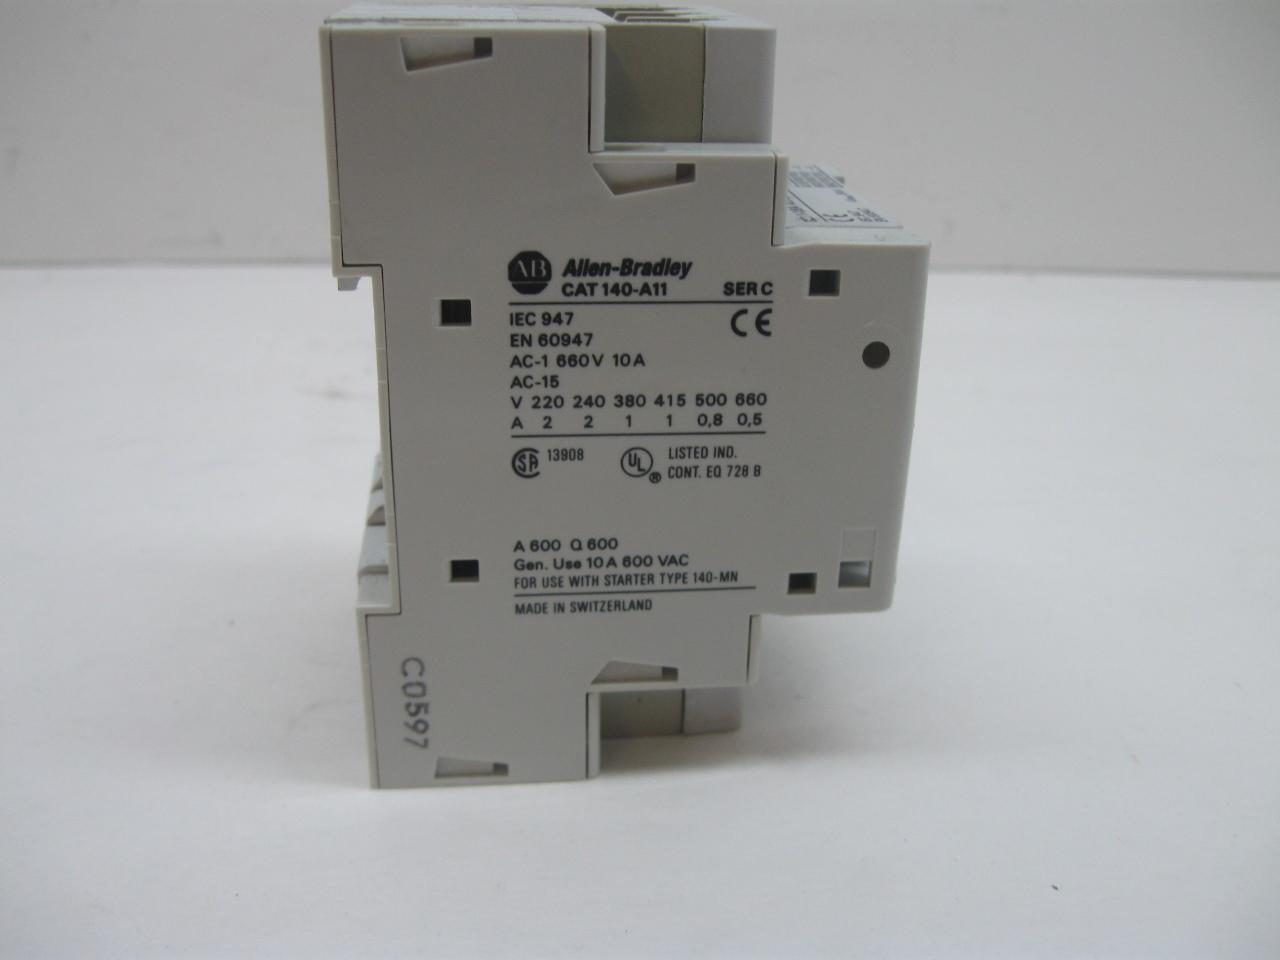 Allen Bradley 140 Mn 0160 Manual Motor Starter 1 1 6 Amp 3